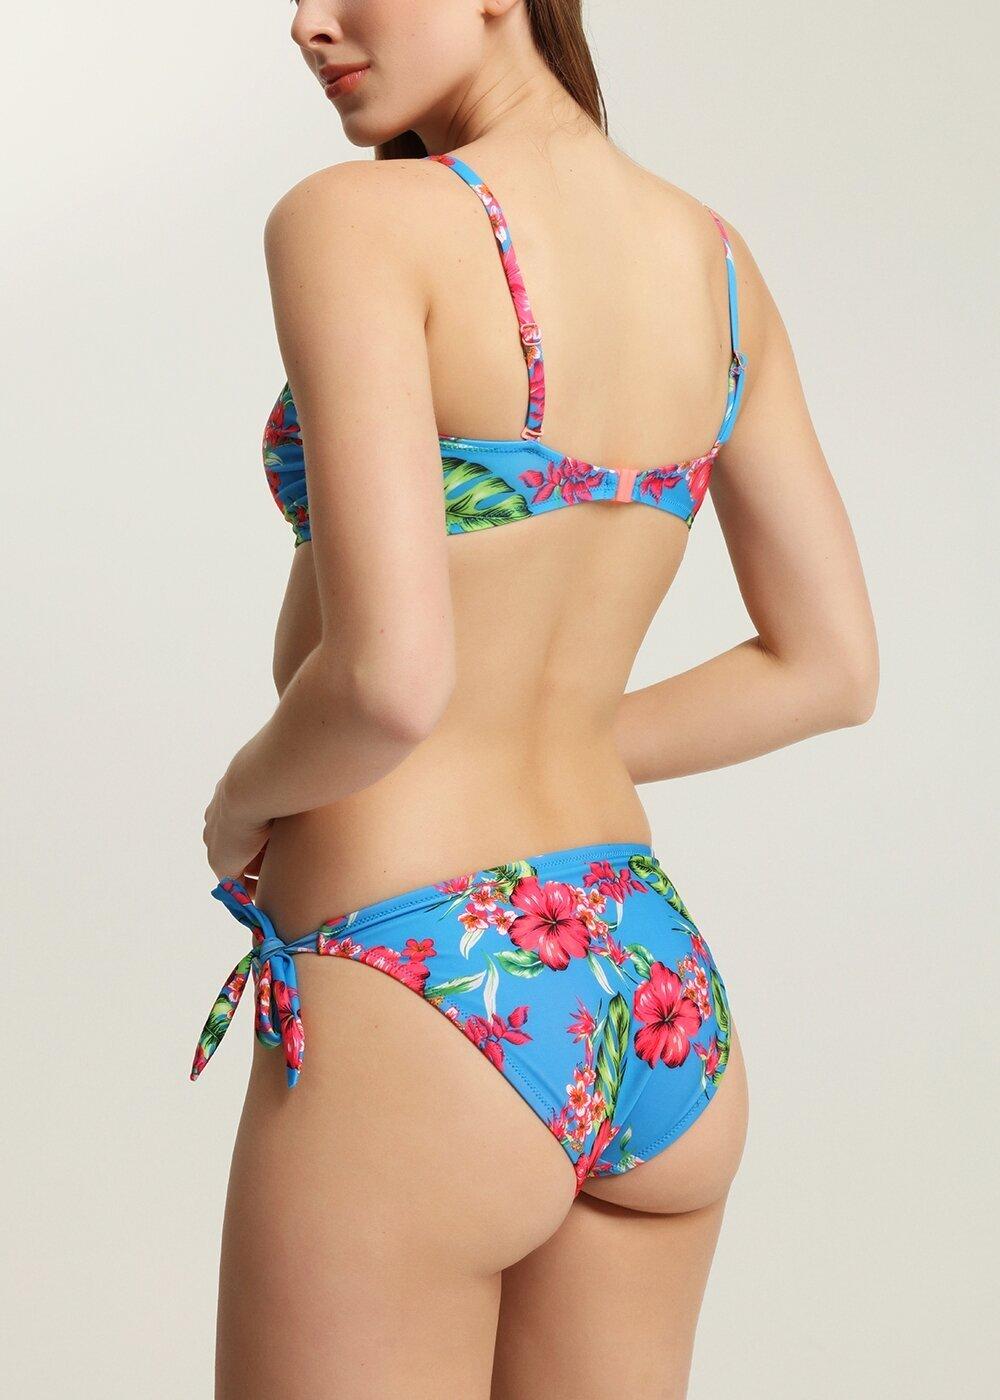 resm Luplu Straplez Bikini Üst - MAVİ BASKILI